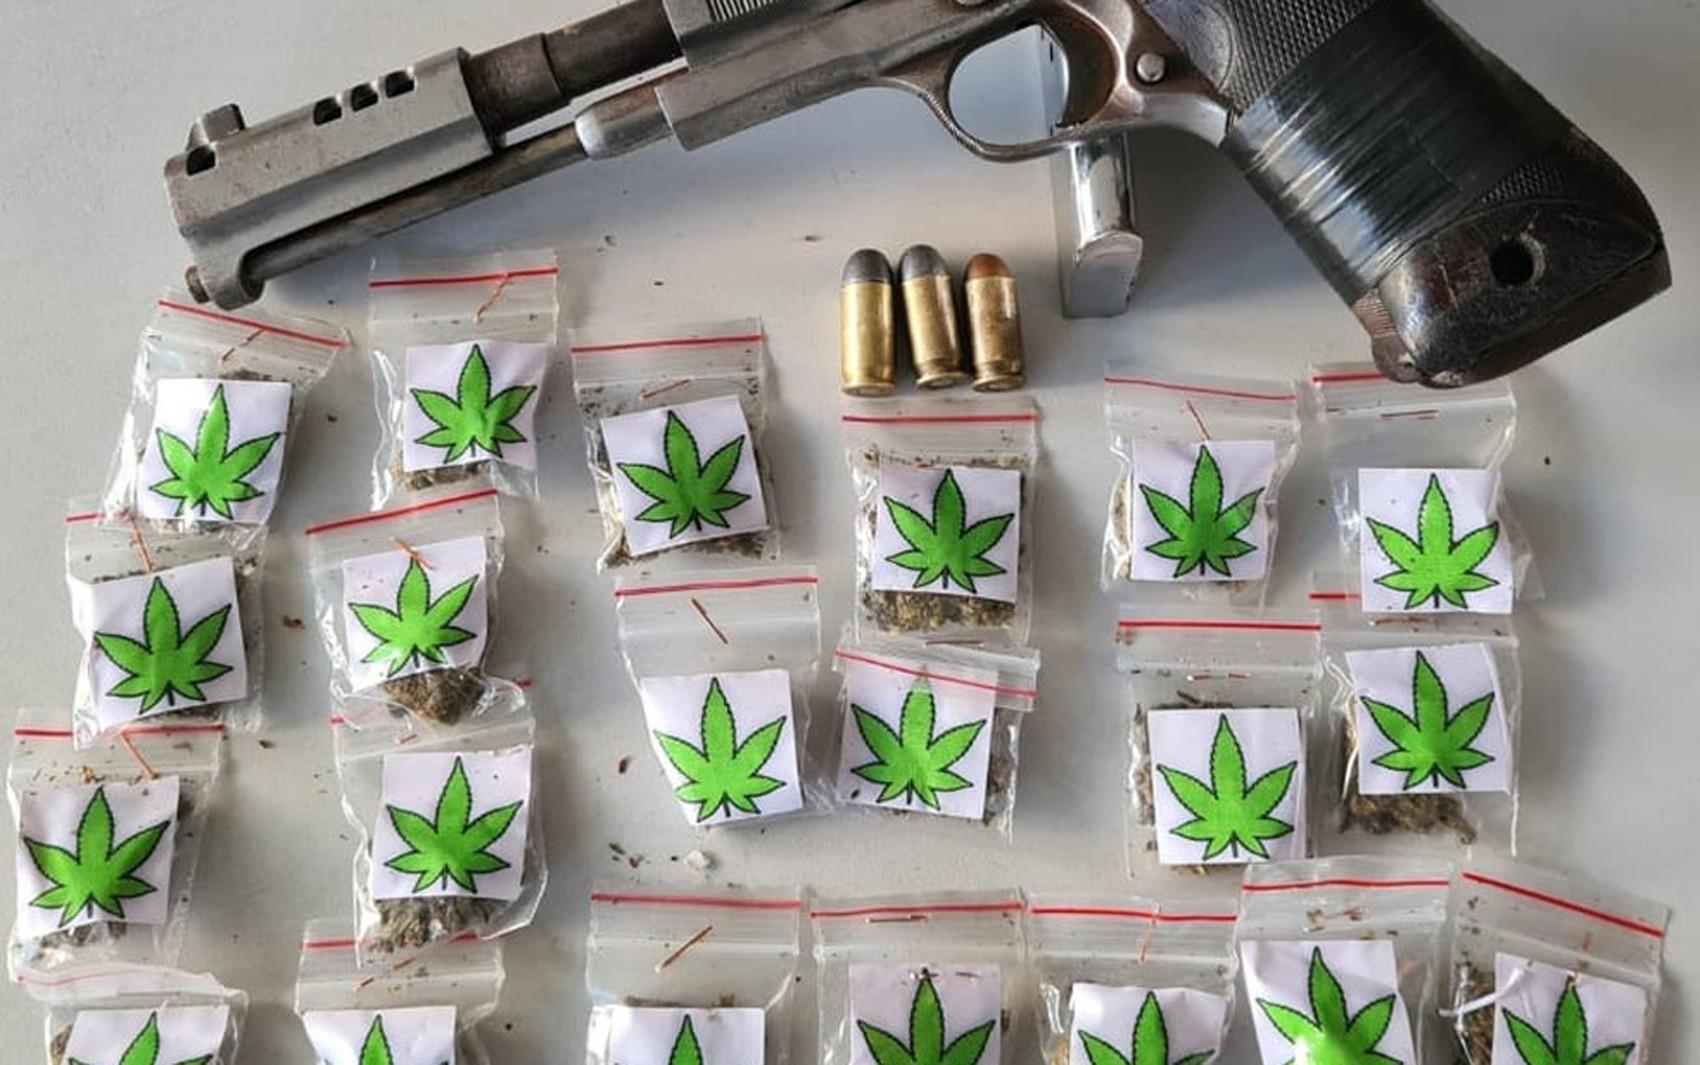 Suspeito de tráfico de drogas morre em confronto com a PM em Pernambués; arma e drogas são apreendidas